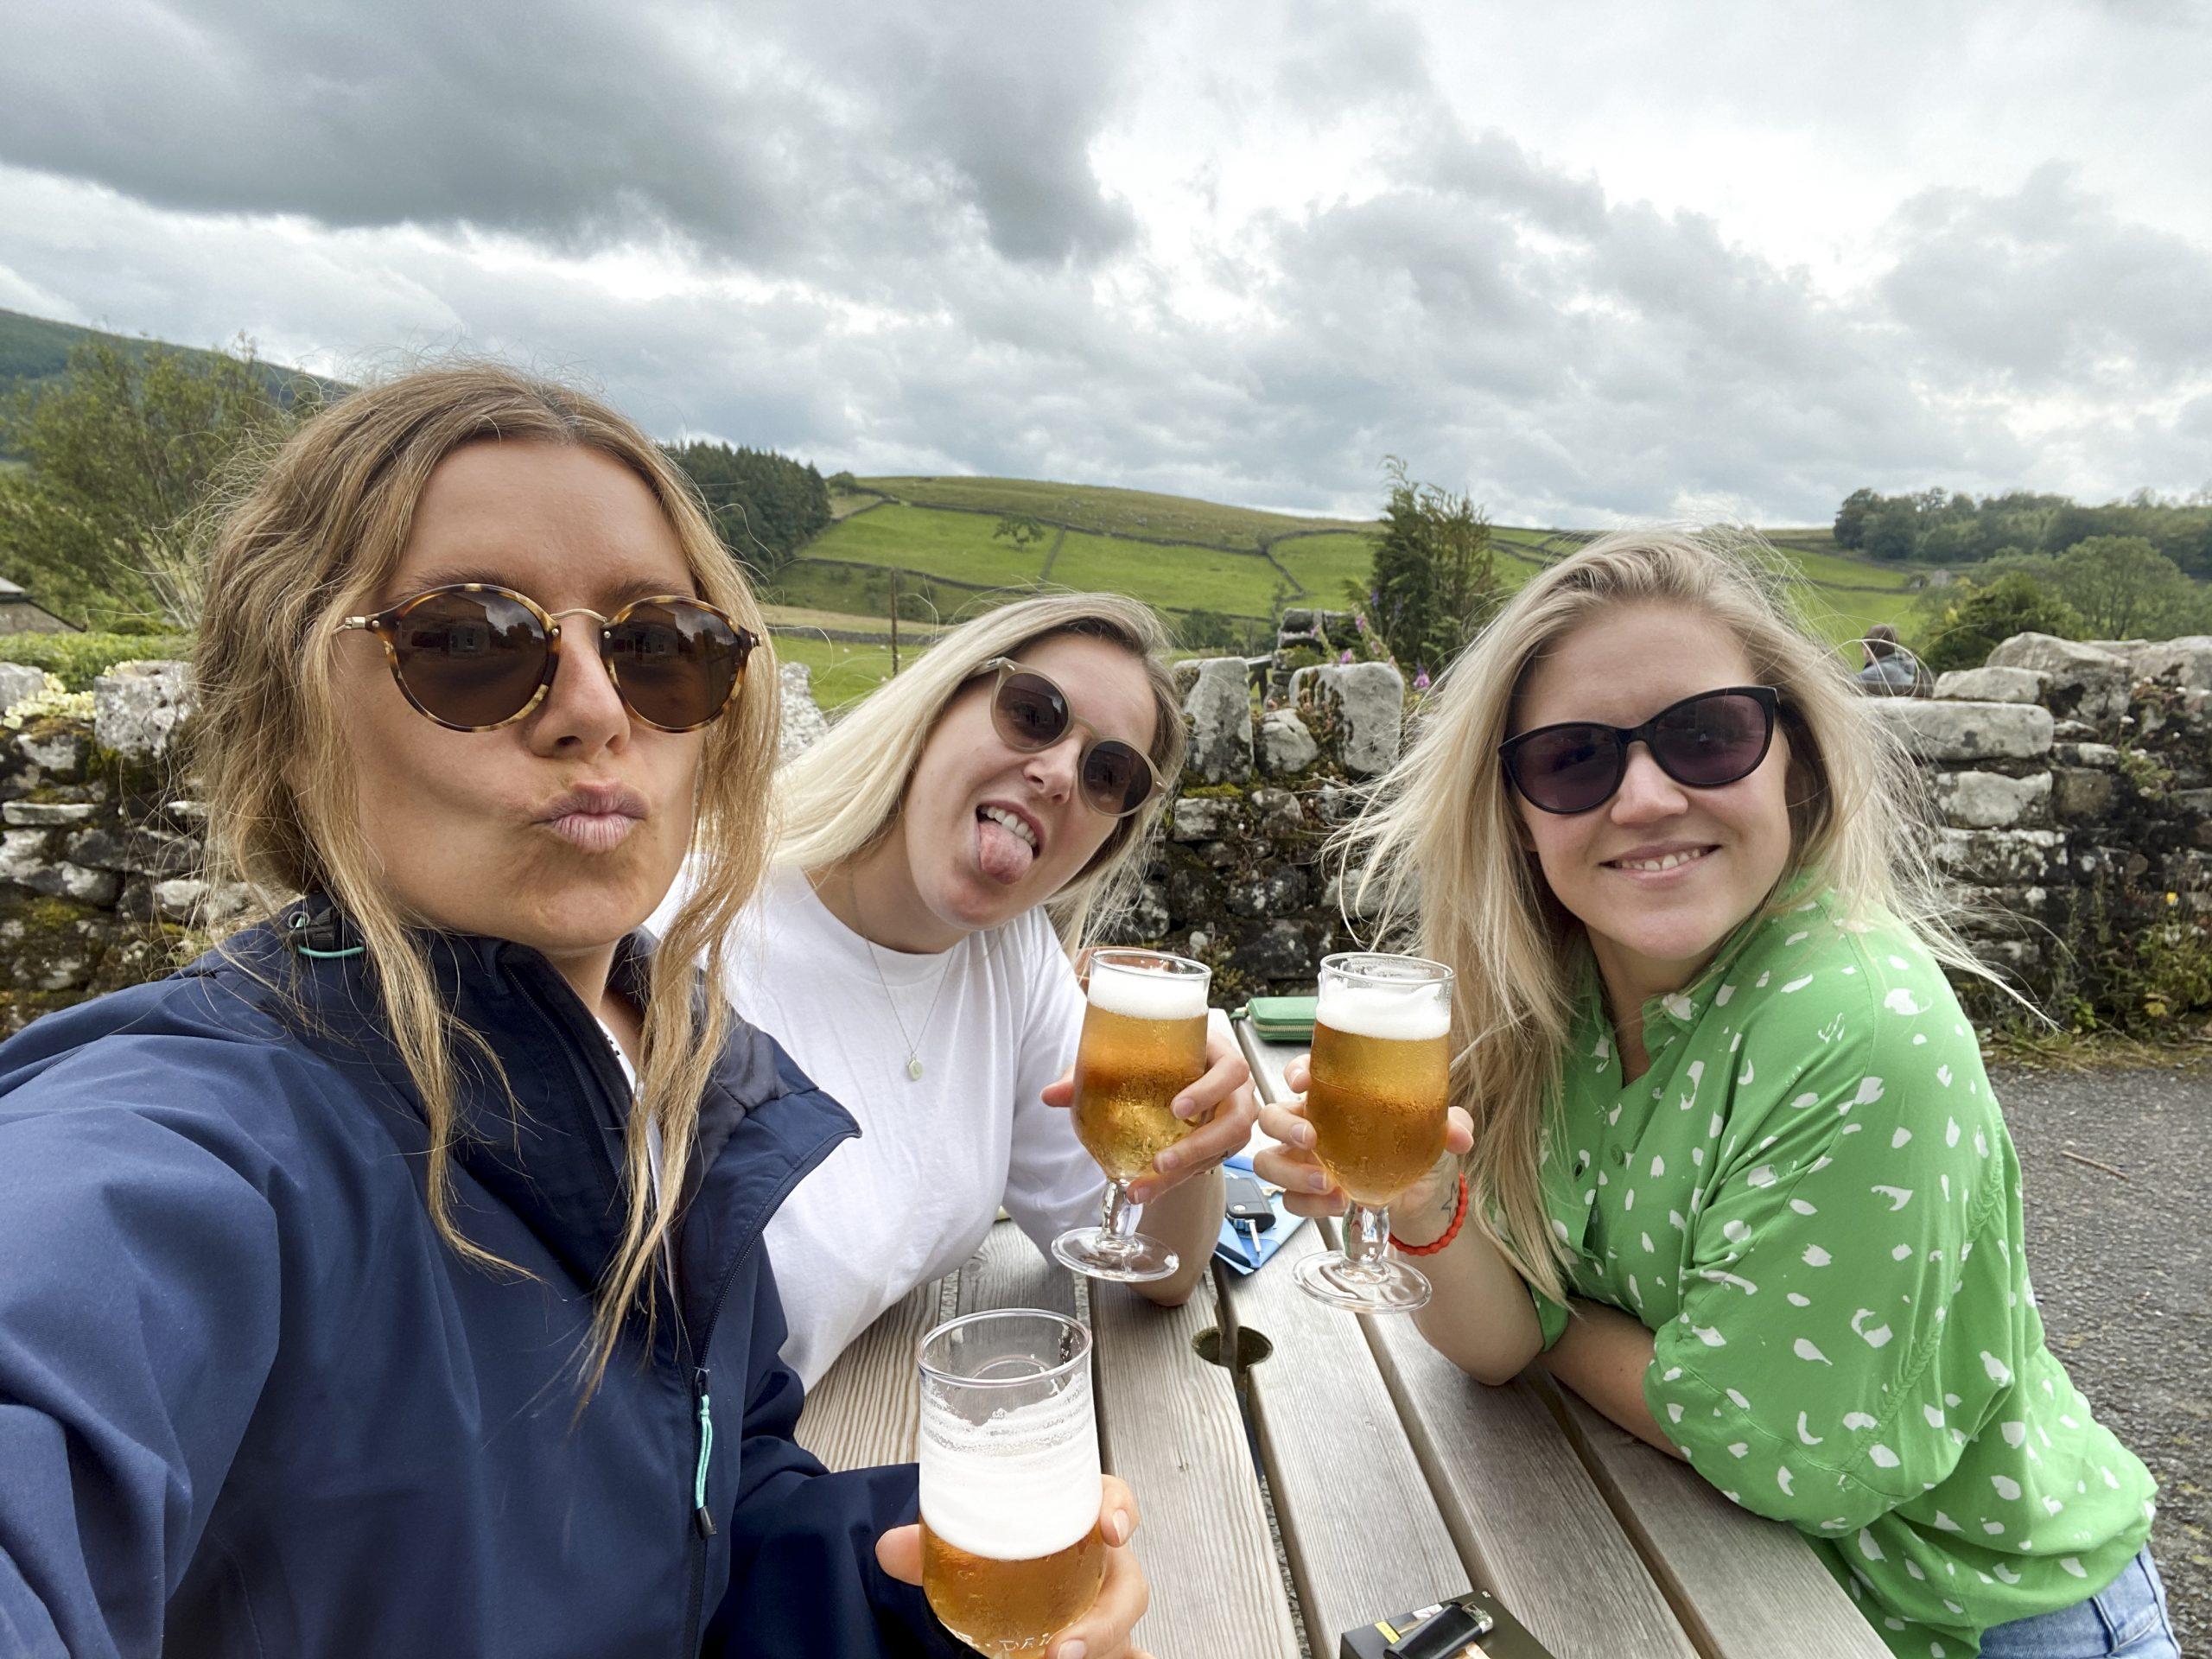 American baffled by pub